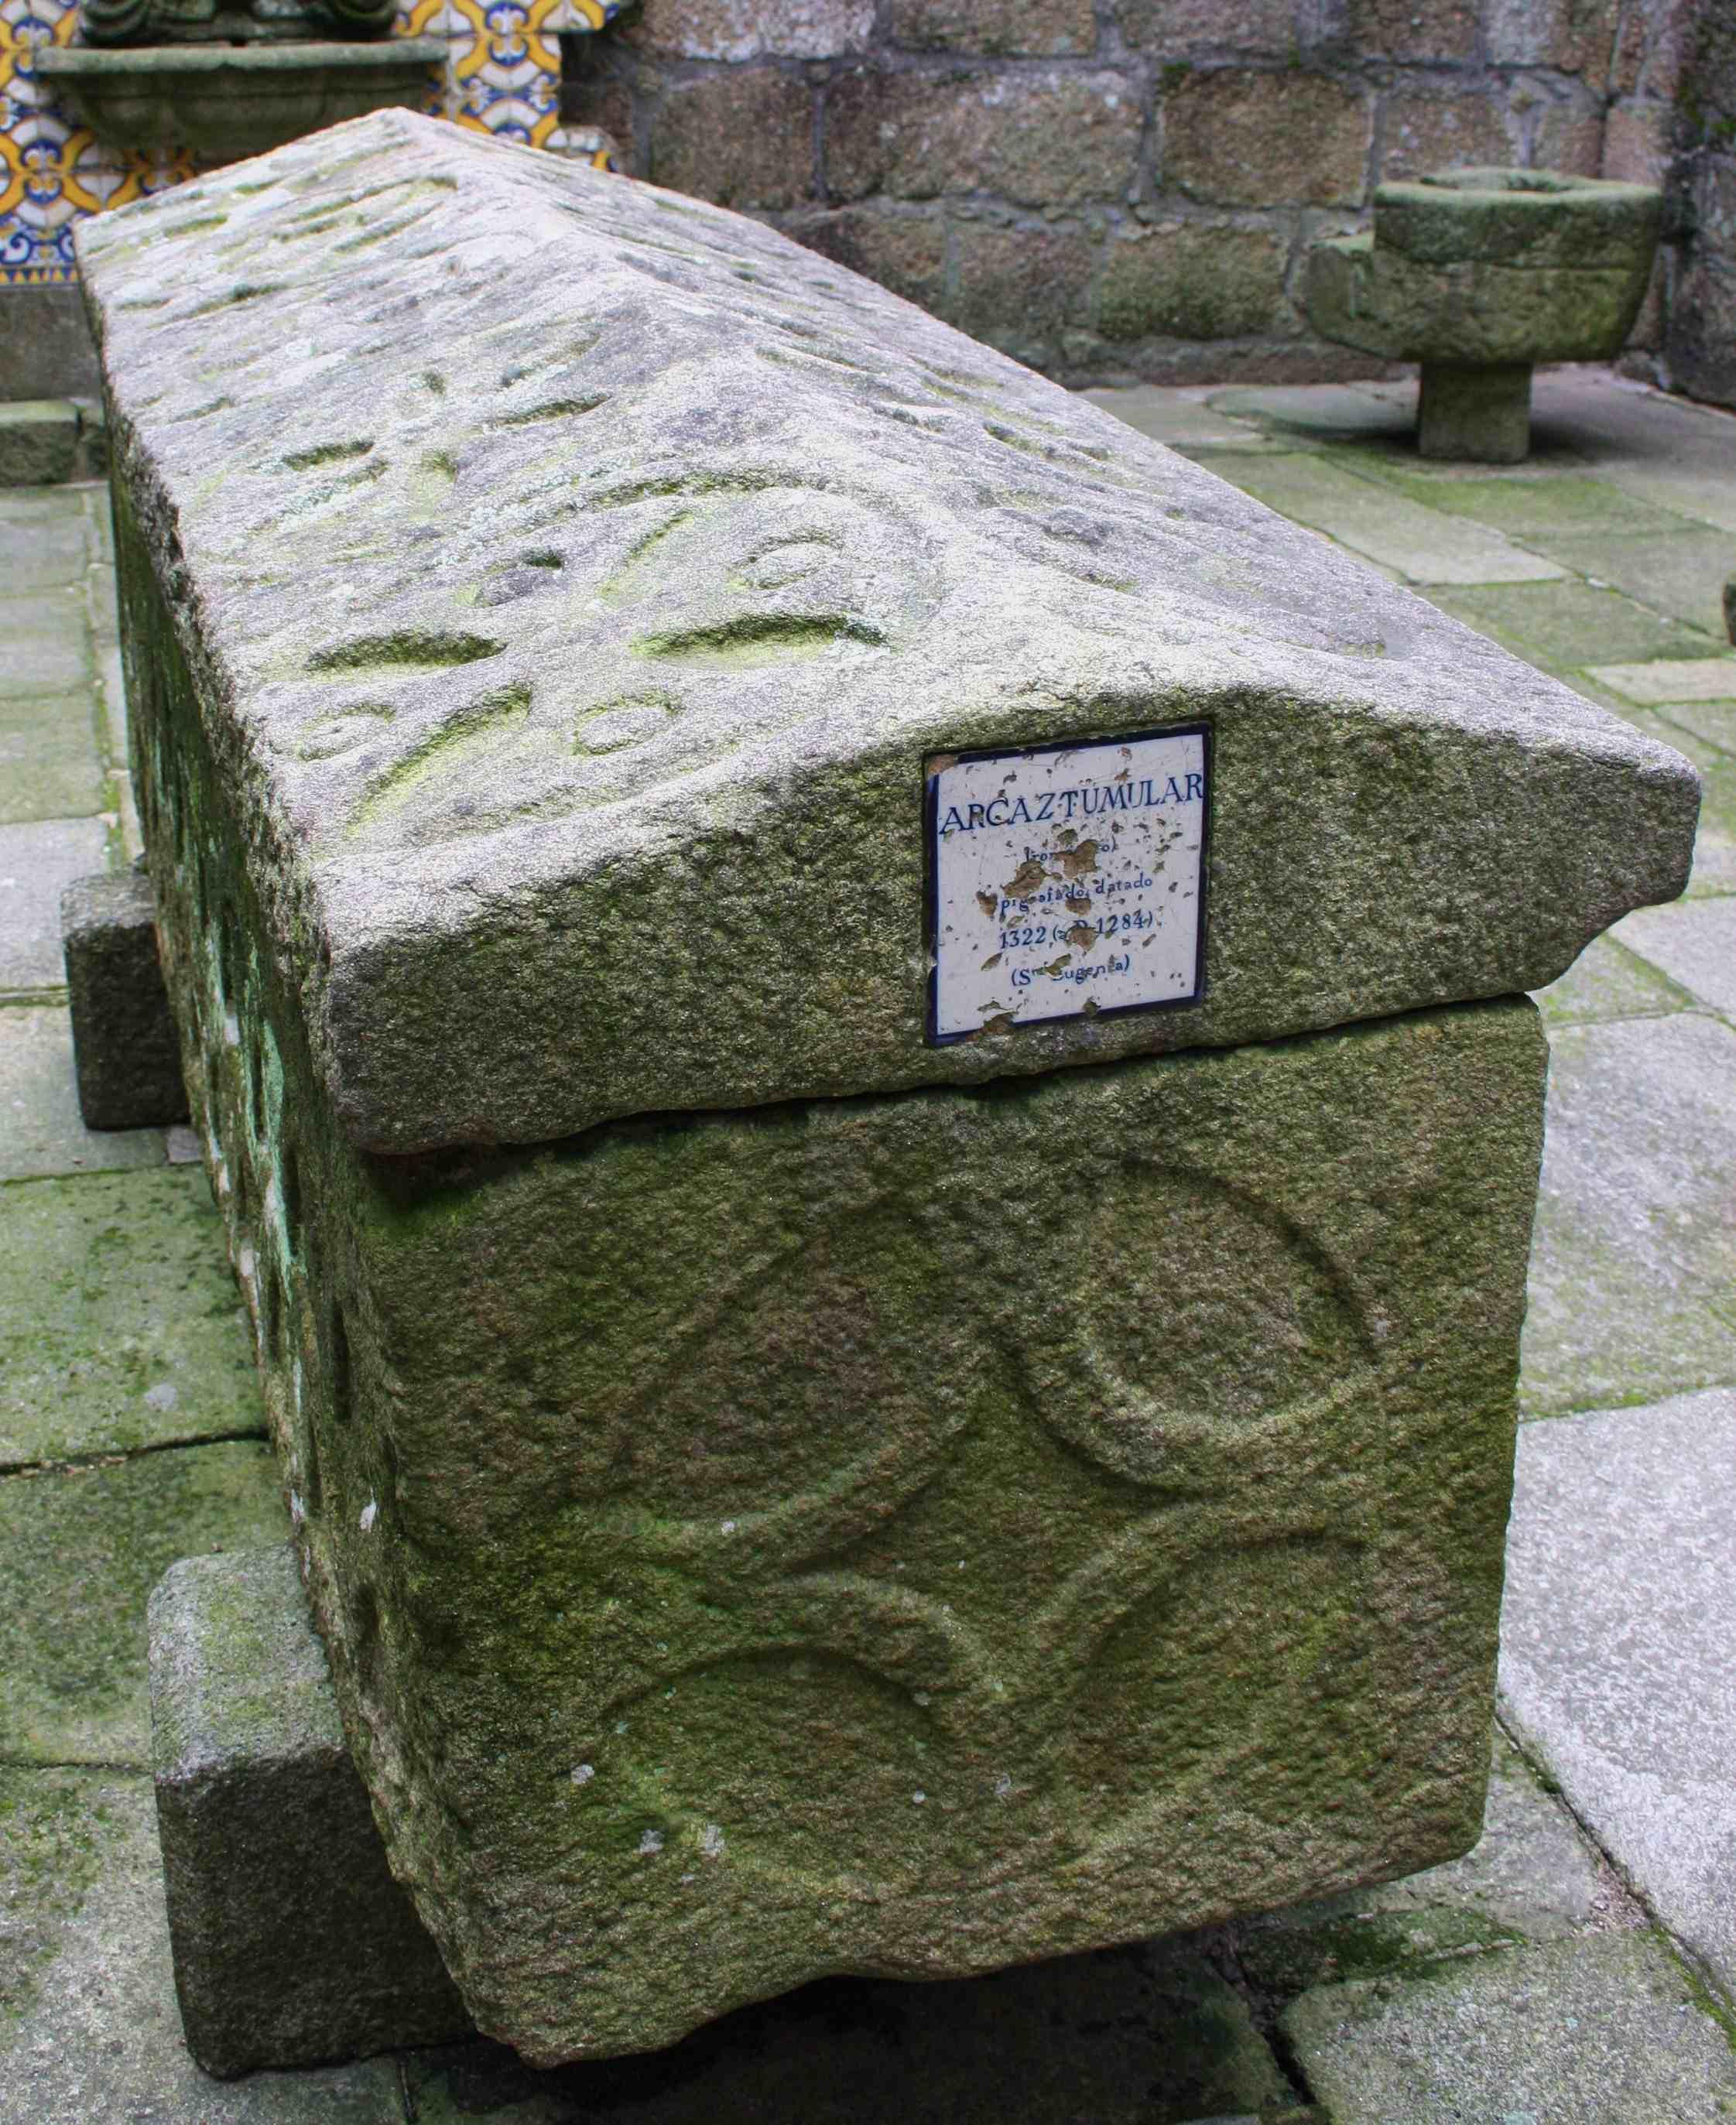 Azulexos cravados nas pezas do Museo Arqueolóxico